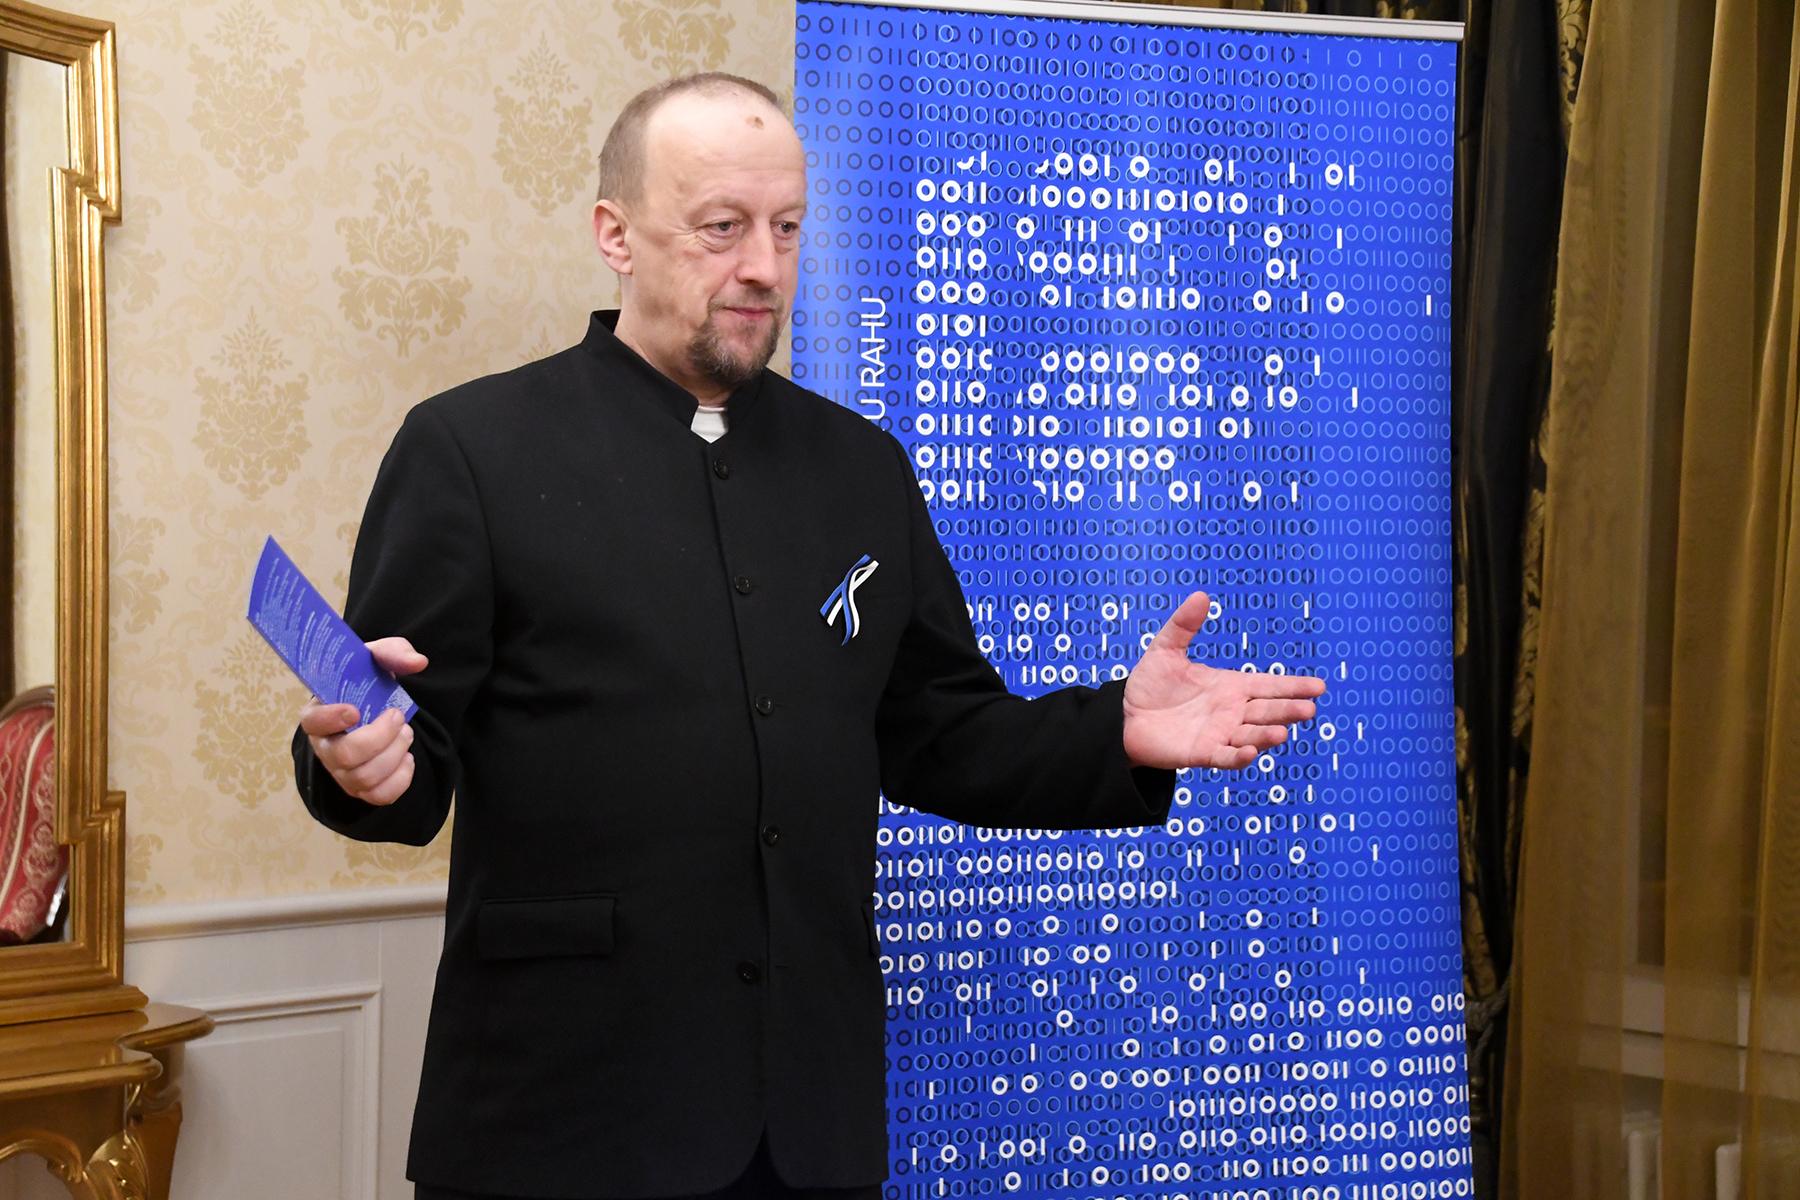 Toomas Kiho, Eesti Vabariik 100 juhtrühma esimees. Foto Urmas Saard